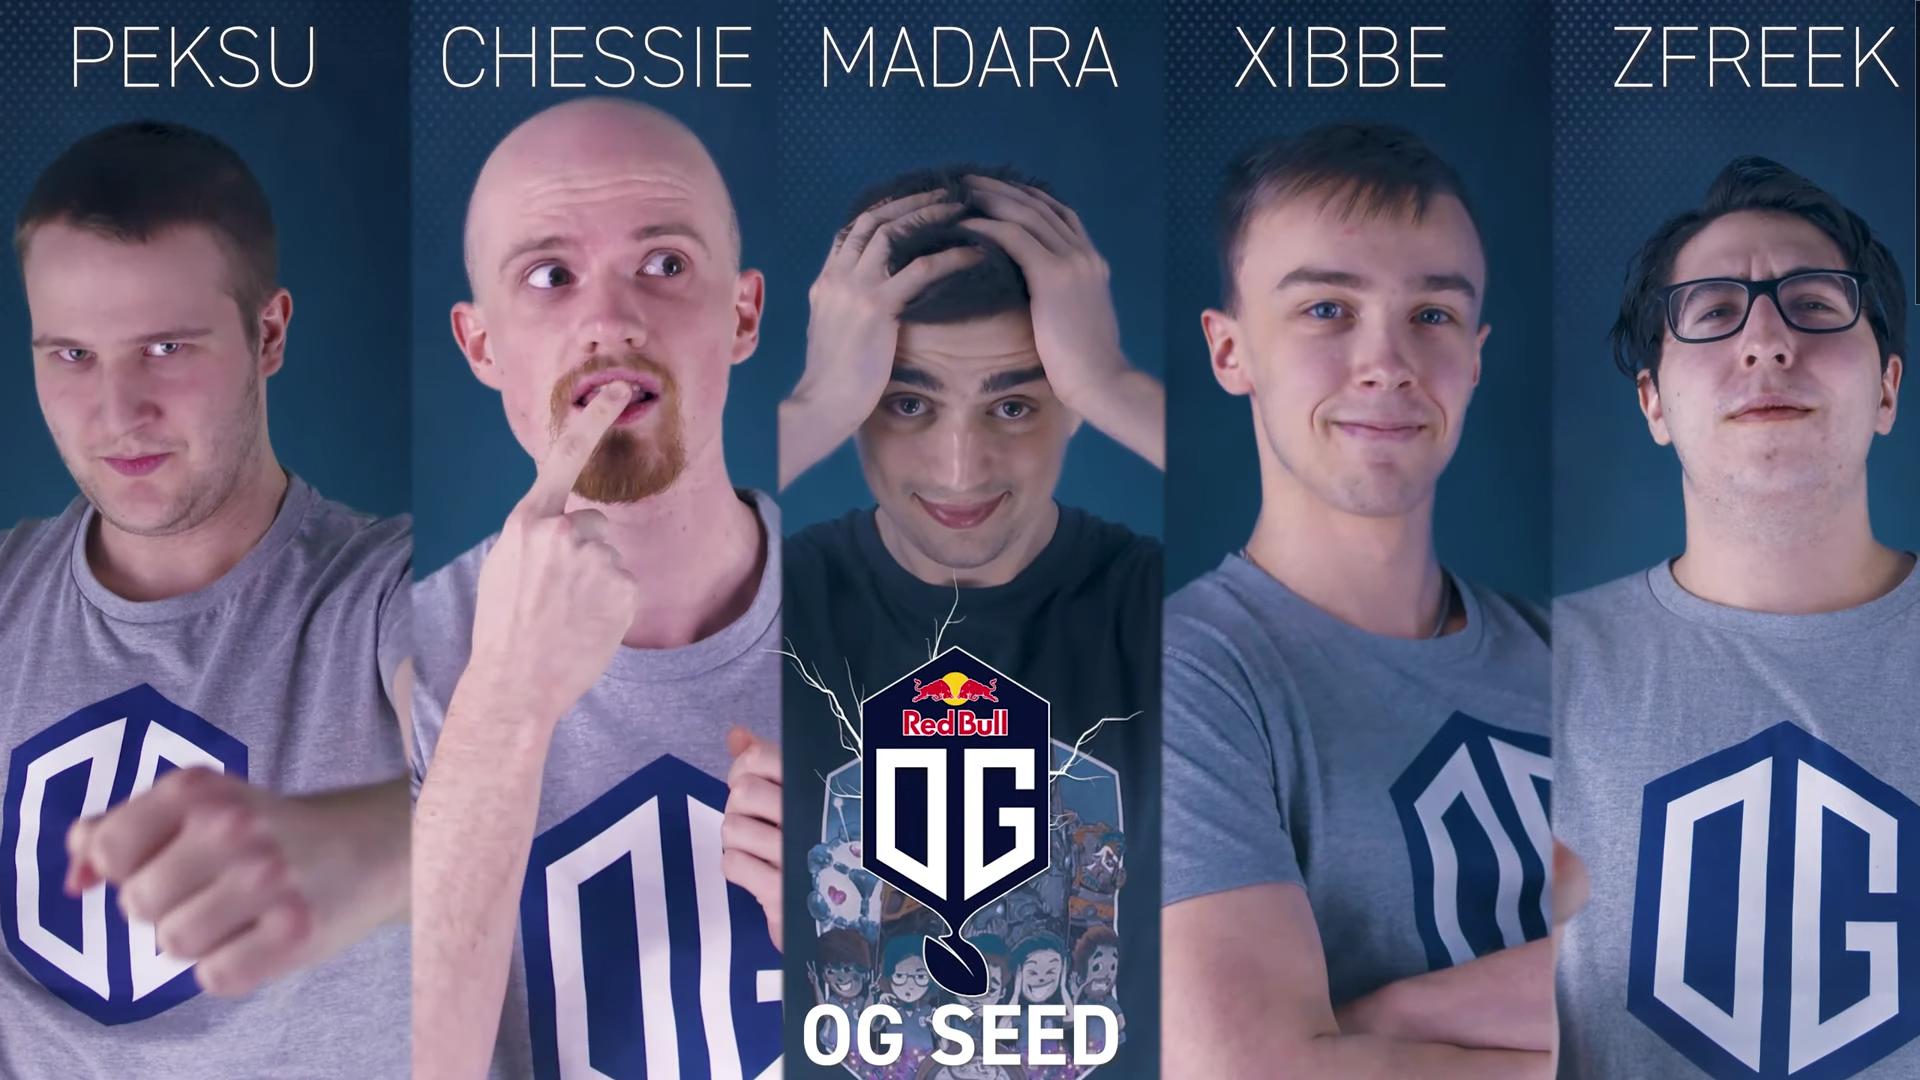 og seed 1 - Dendi lần đầu tiên lên đỉnh tại một giải đấu Dota 2 sau 2 năm chờ đợi